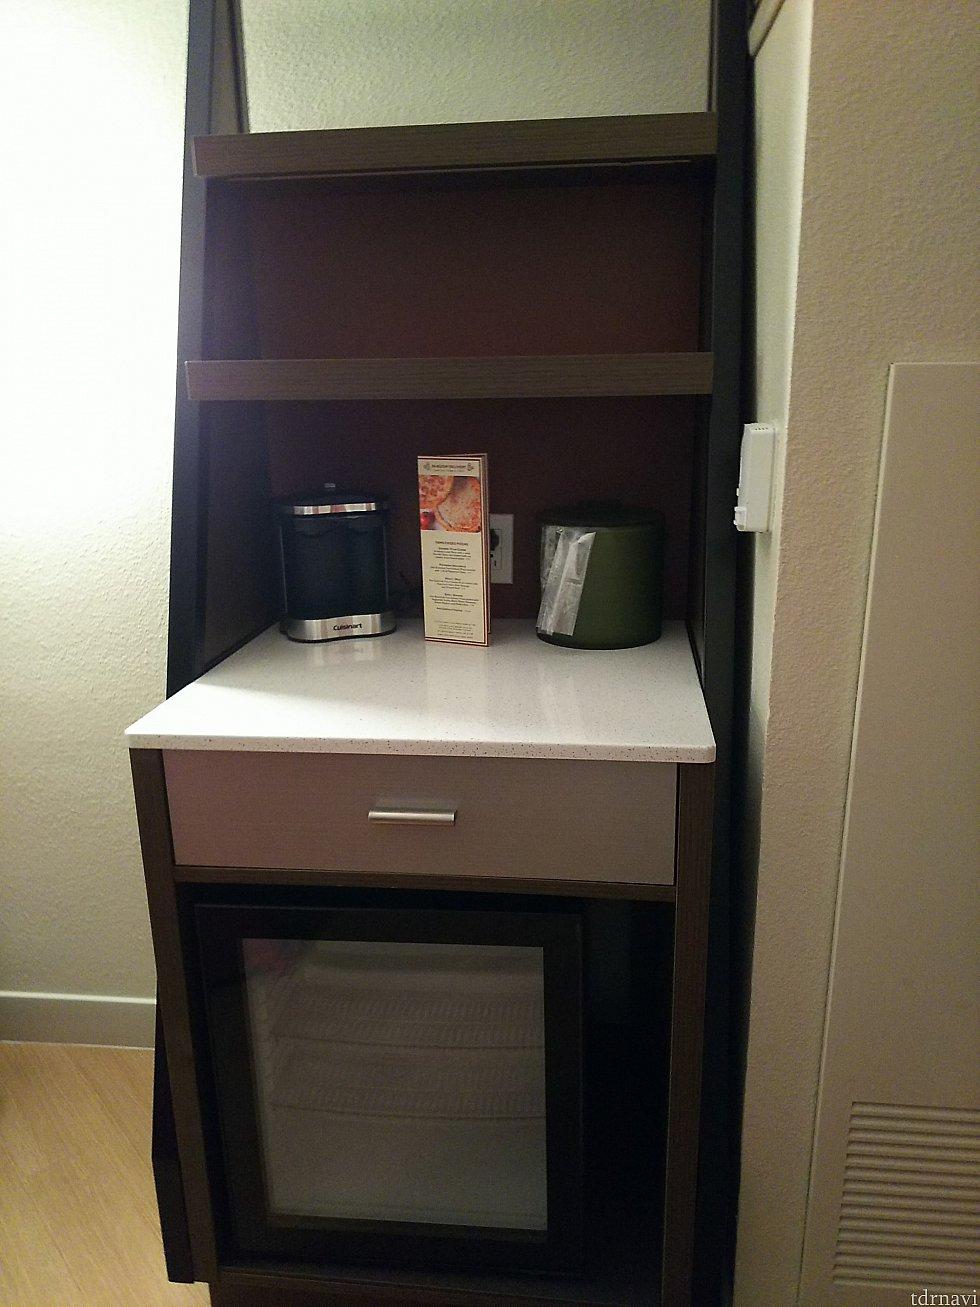 コーヒーメーカーが置いてあるキャビネット。引き出しの中にコーヒーやコップが入っています。下は冷蔵庫。